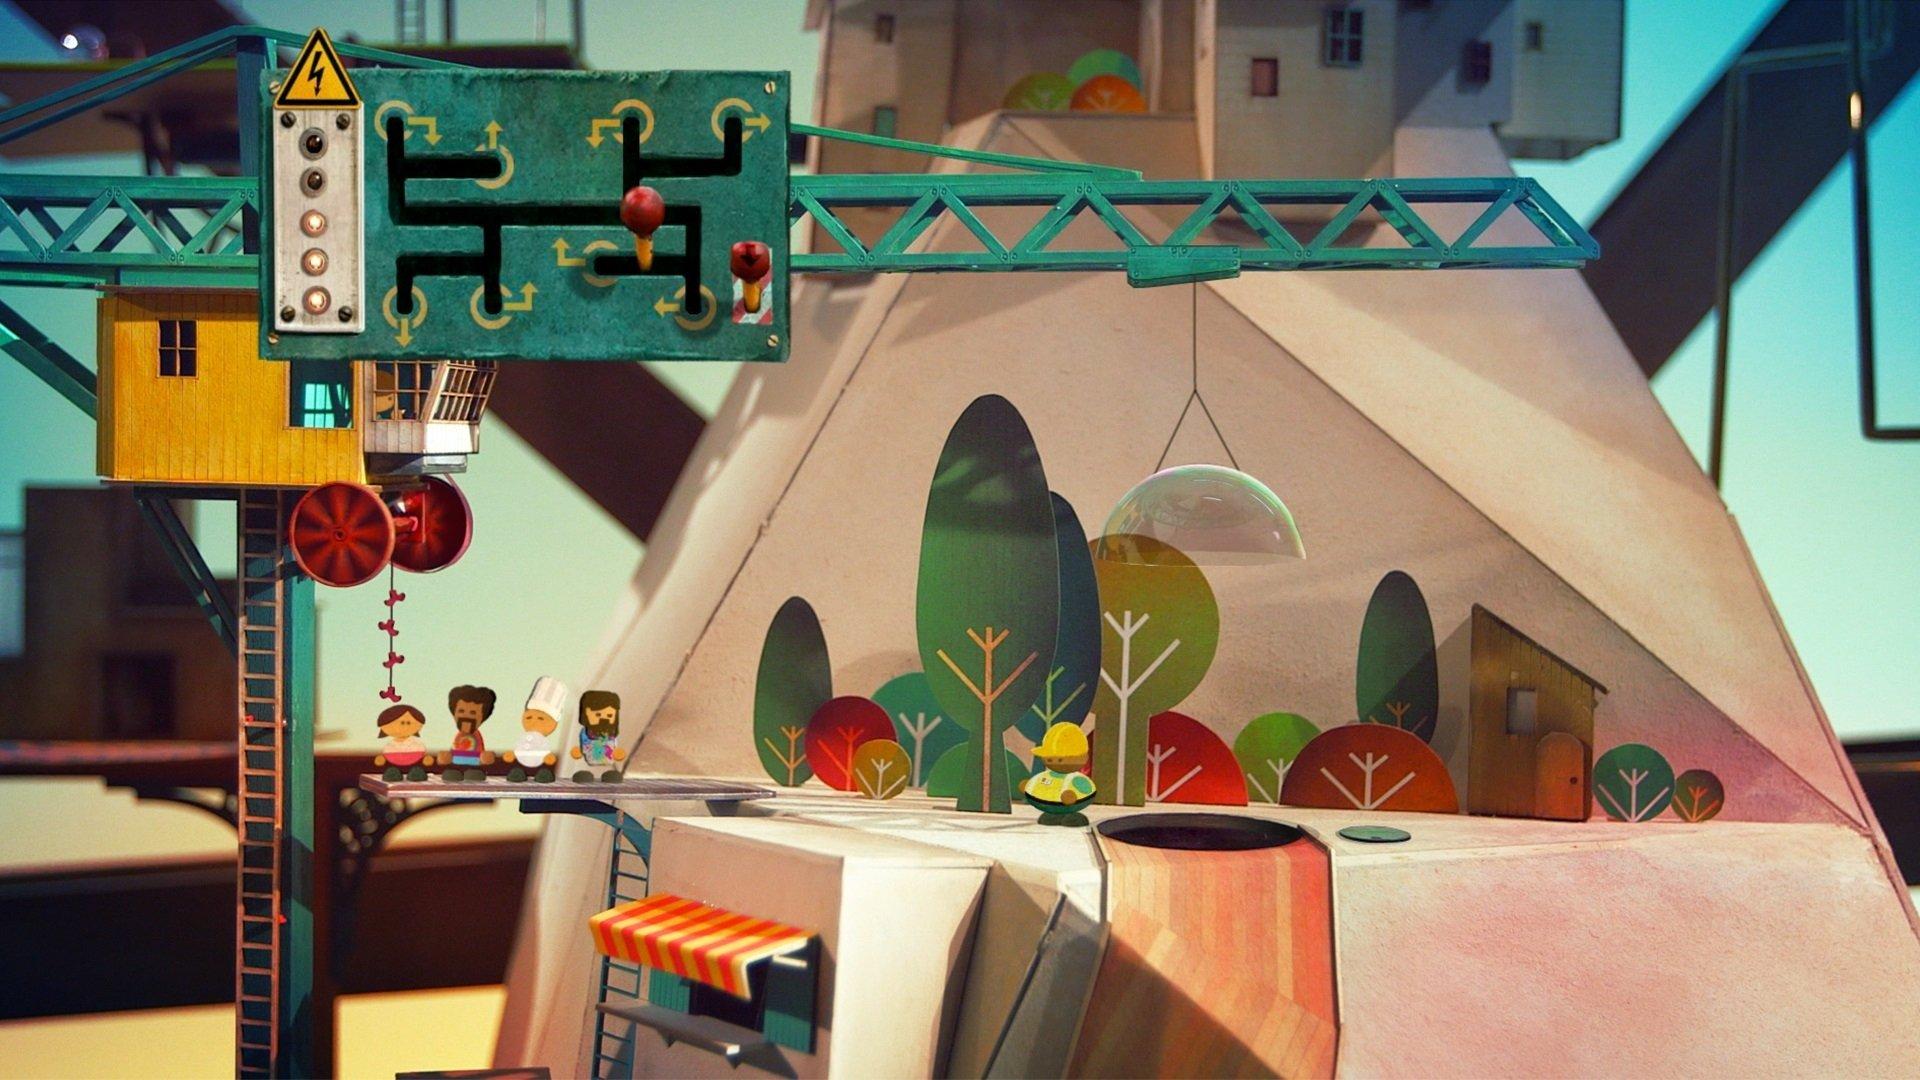 Lumino City Mac image 8